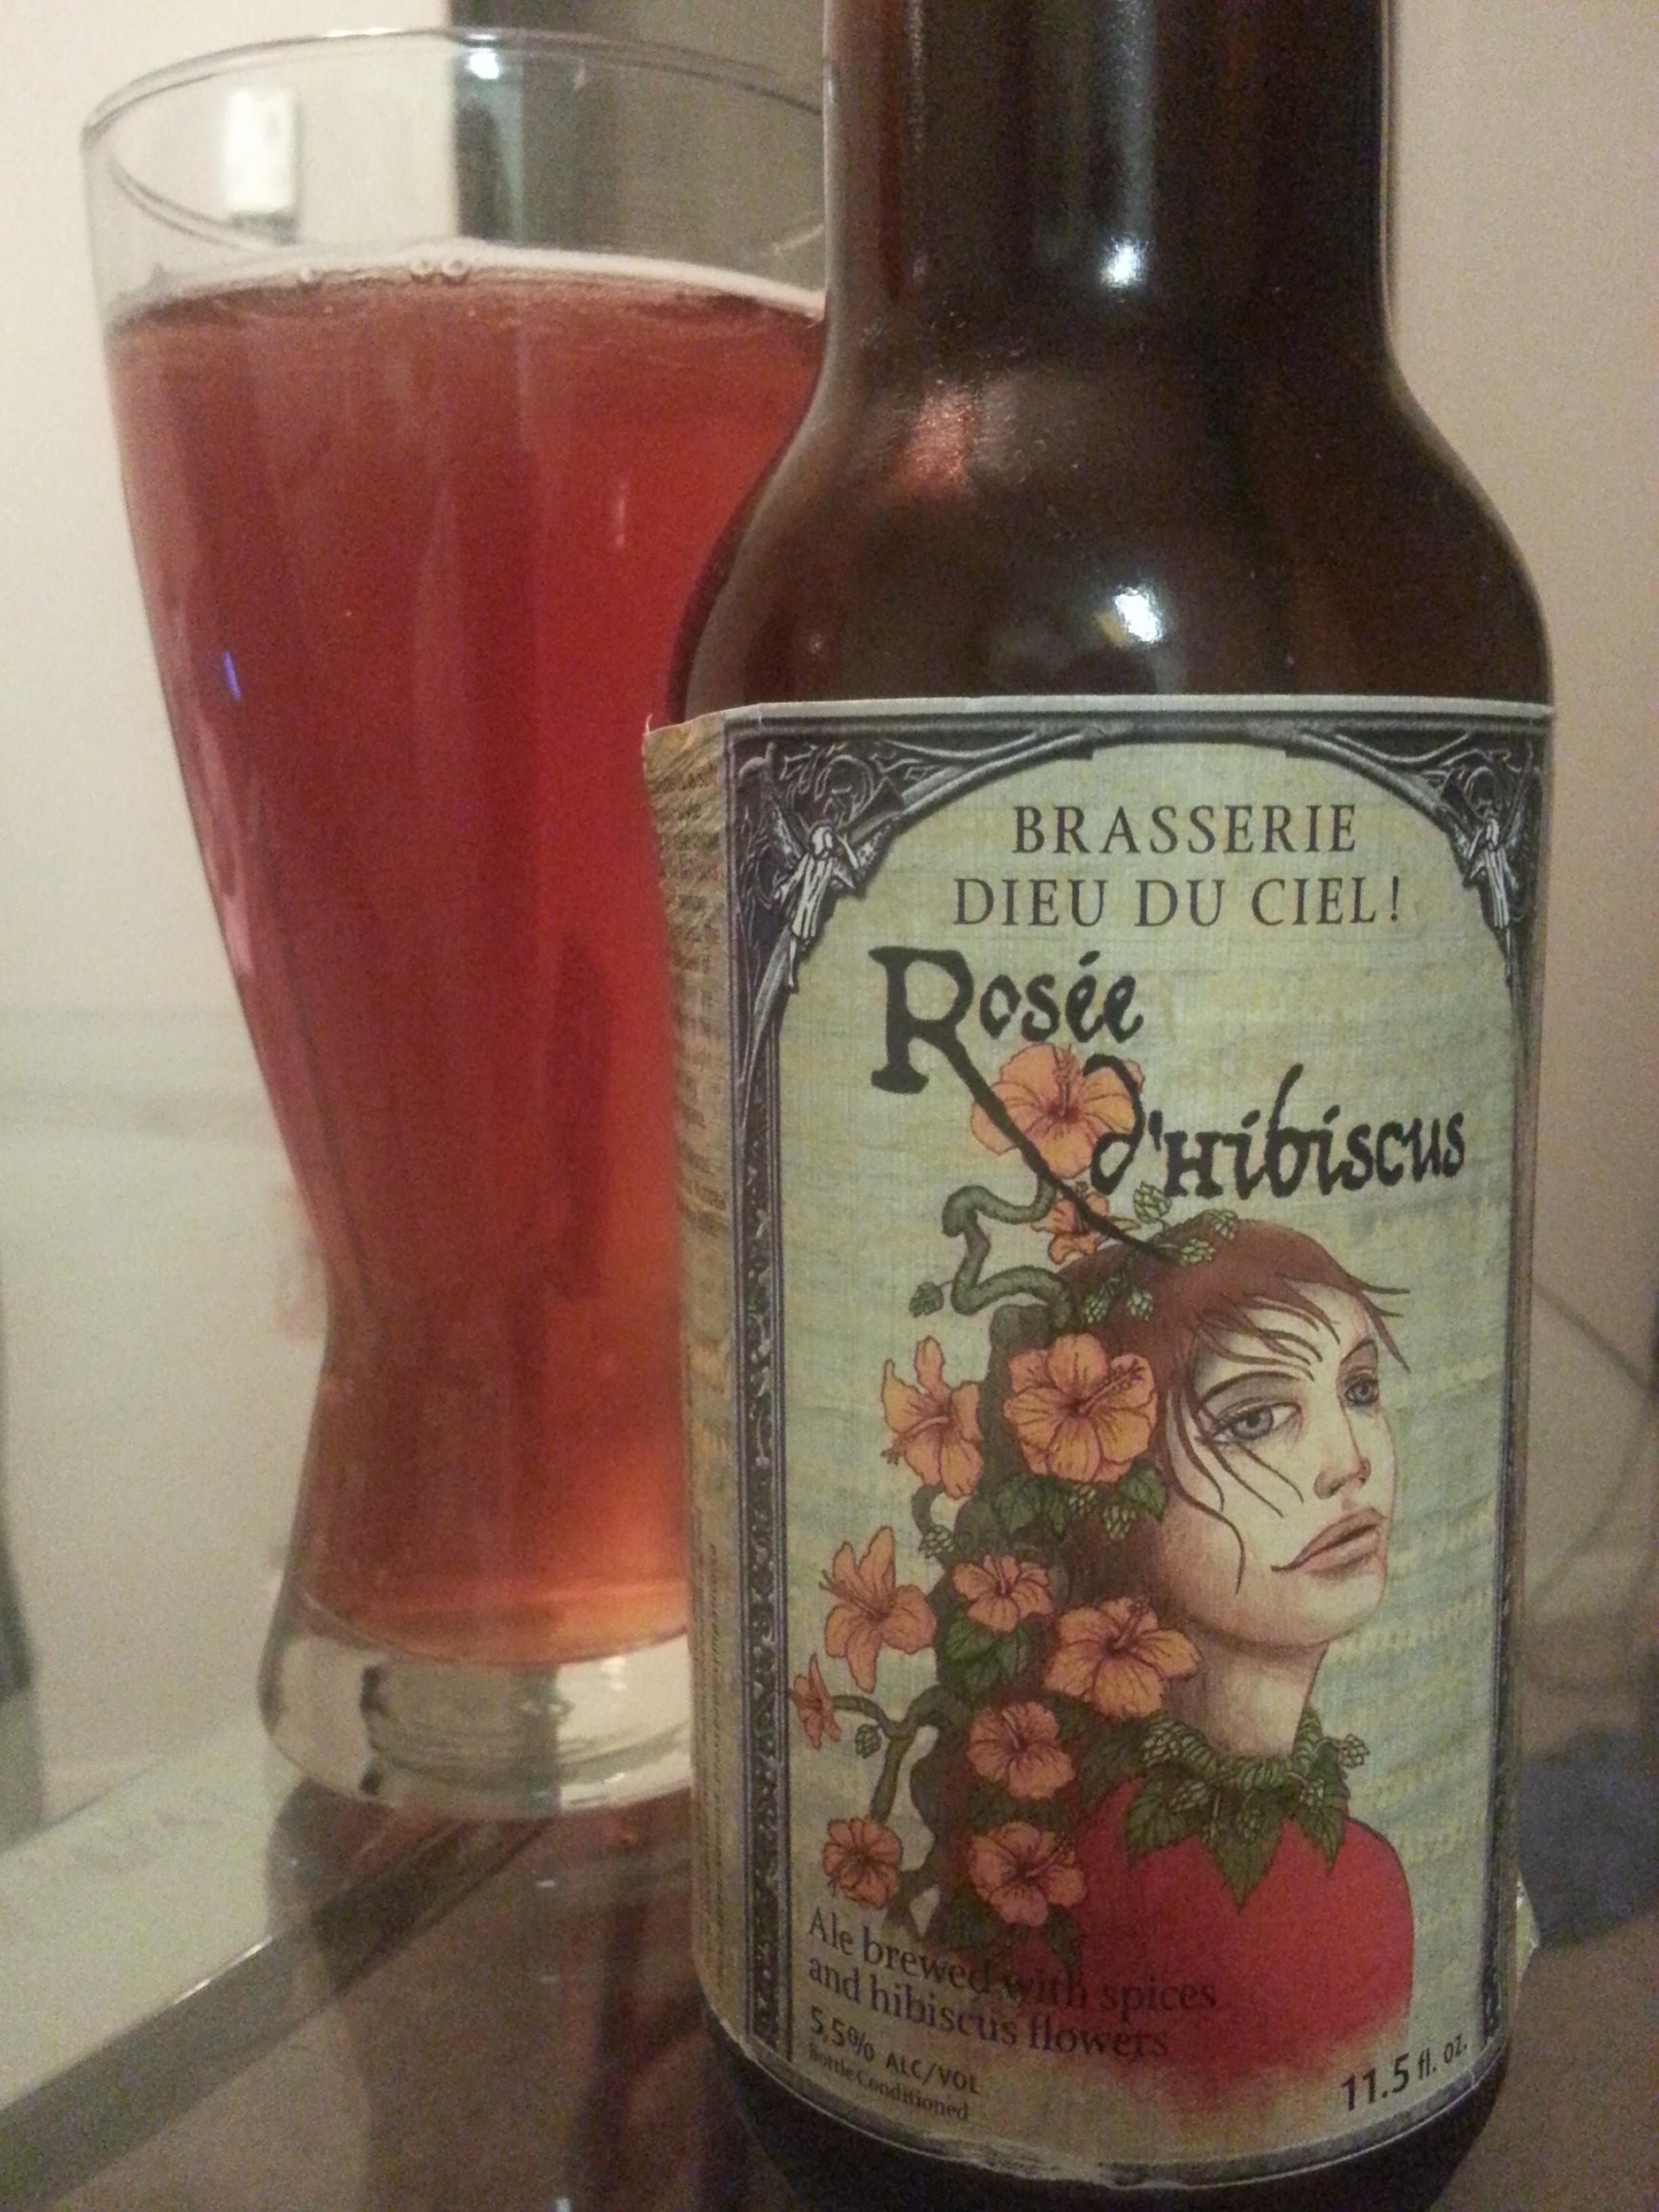 Hibiscus beer